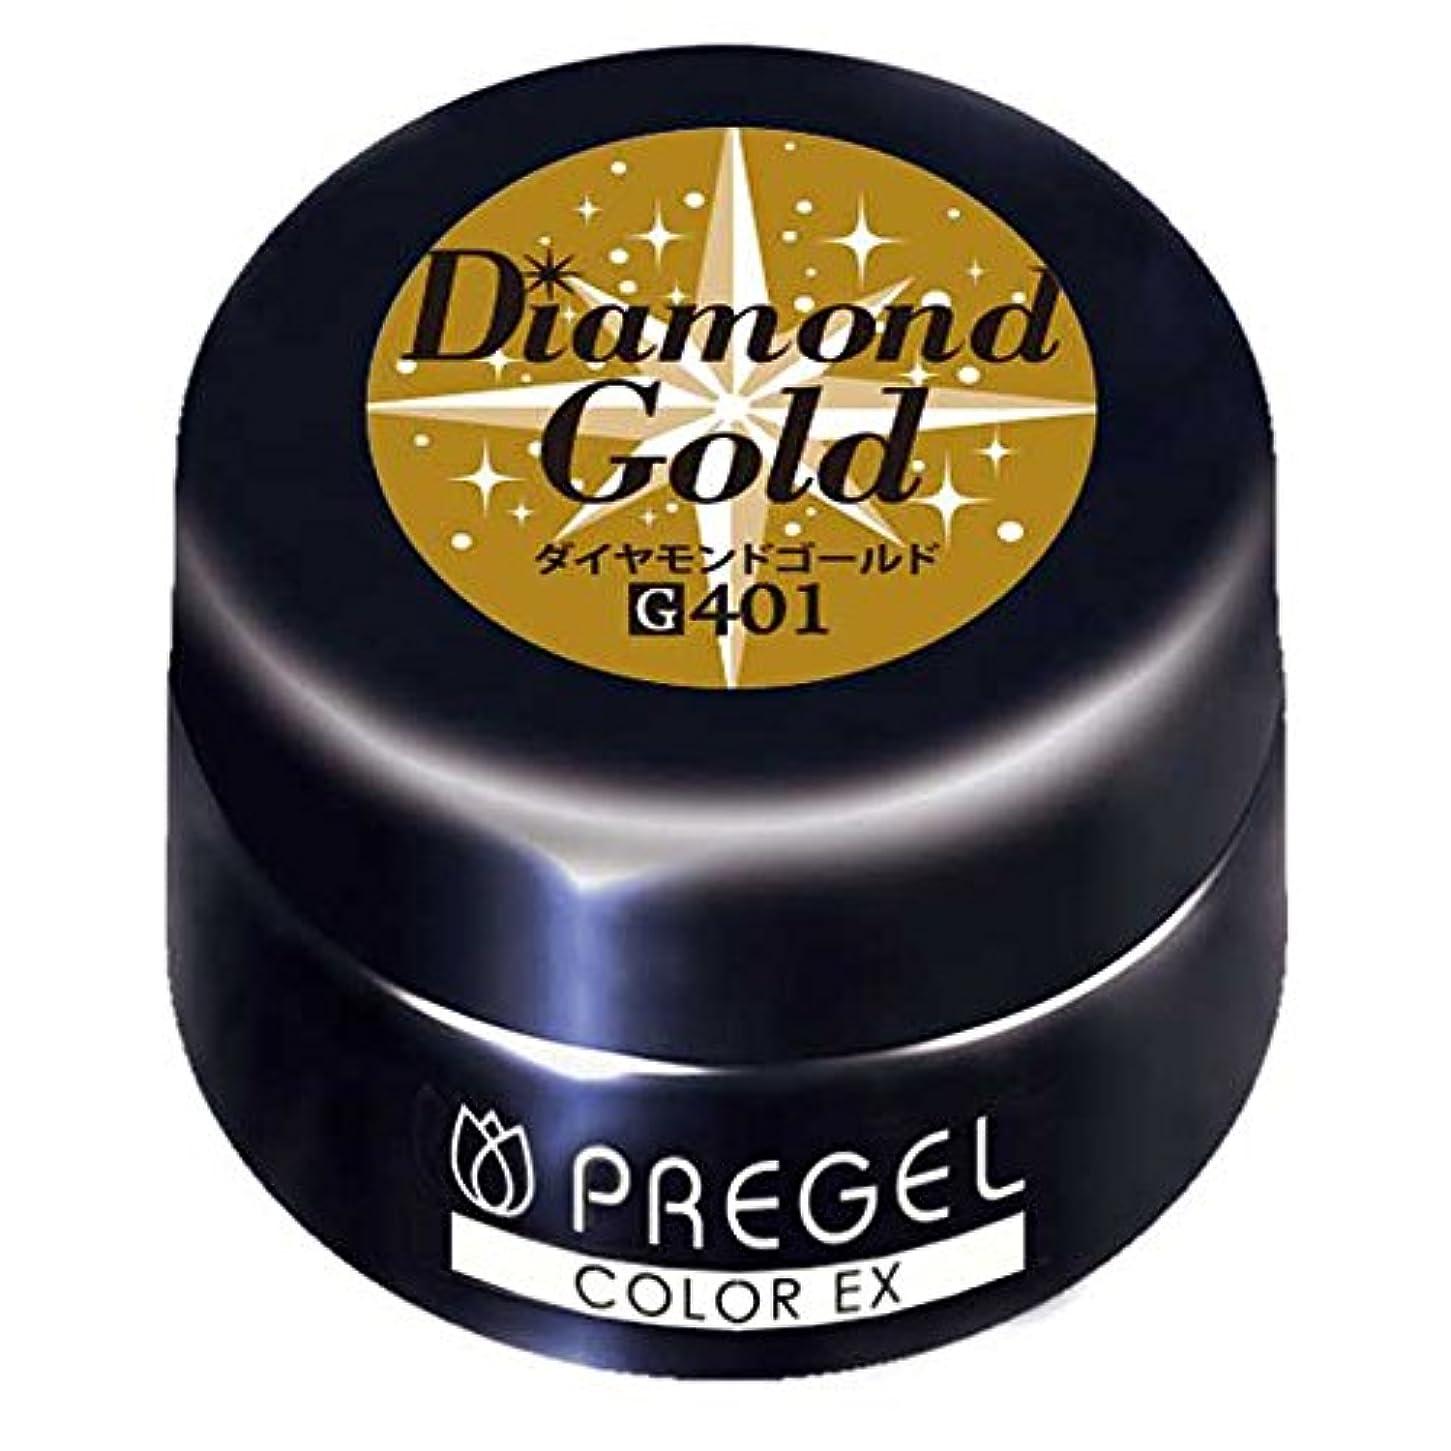 一族寄稿者前にPRE GEL カラーEX ダイヤモンドゴールドCE401 UV/LED対応 カラージェル